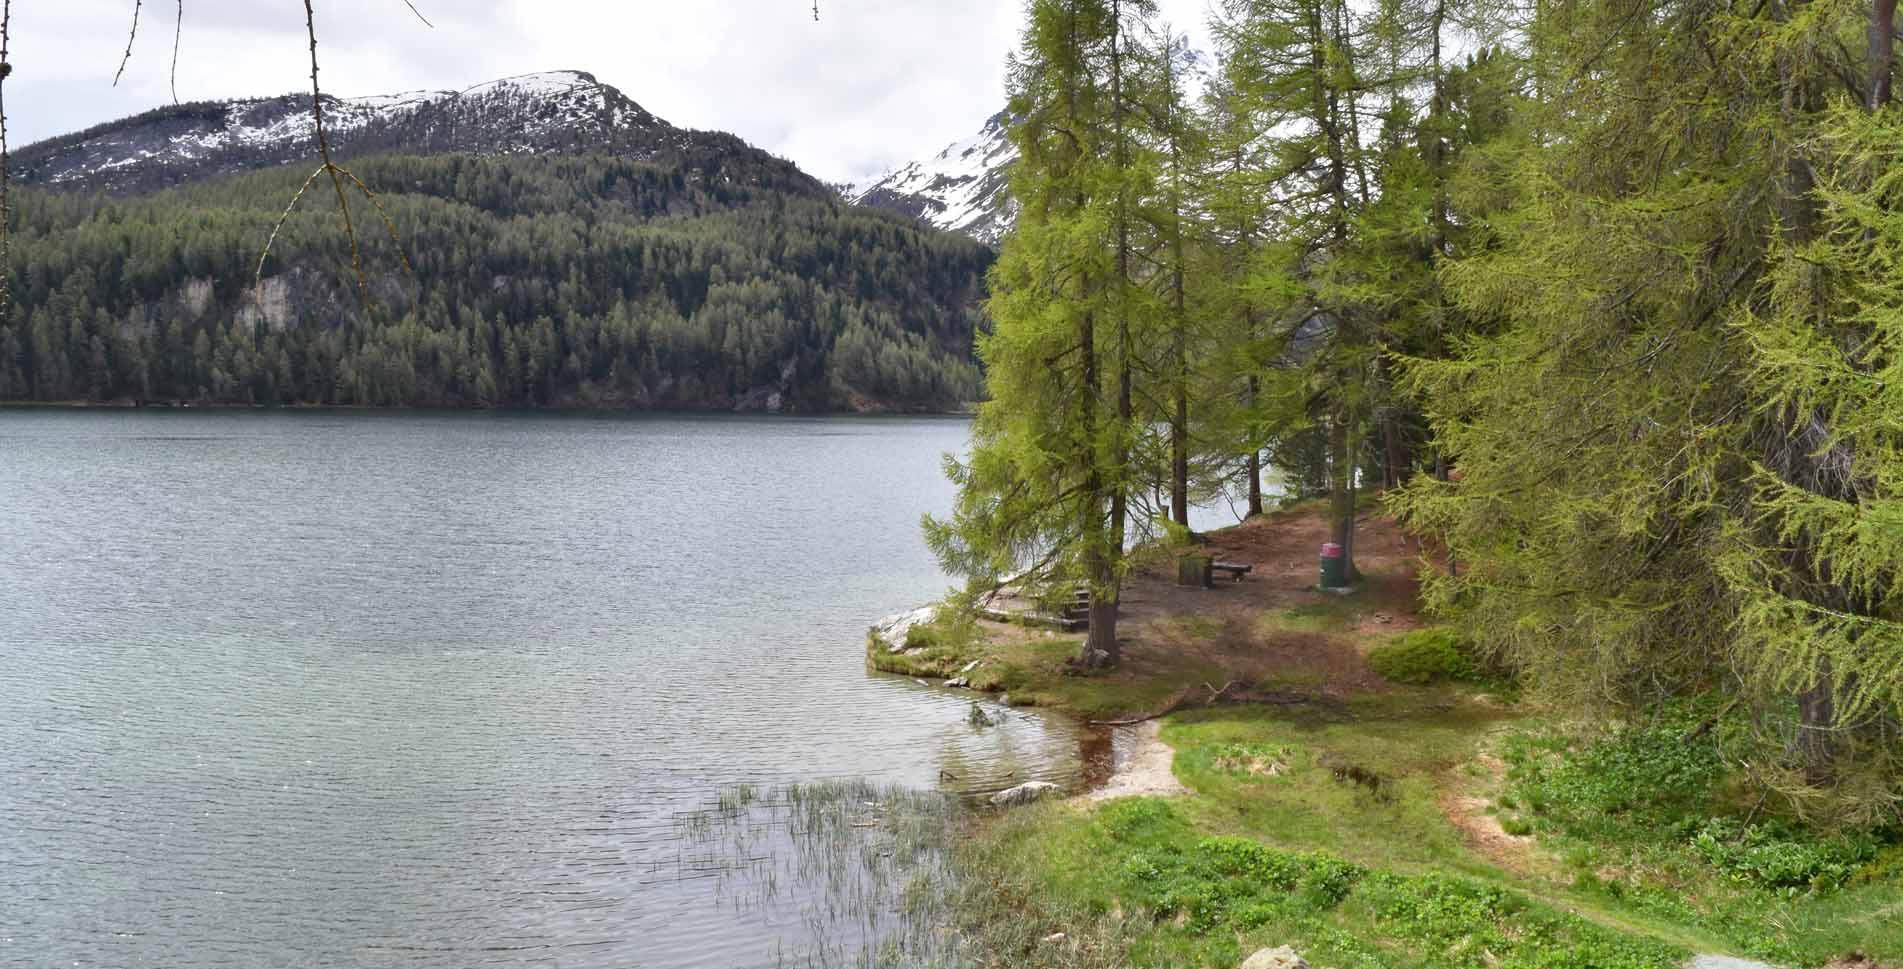 Wanderung von Sils Maria im Engadin zur Halbinsel Chastè im Silsersee, zum Nietzsche Gedenkstein und weiter via Sils Baselgia zurück nach Sils Maria – eine schöne Rundwanderung